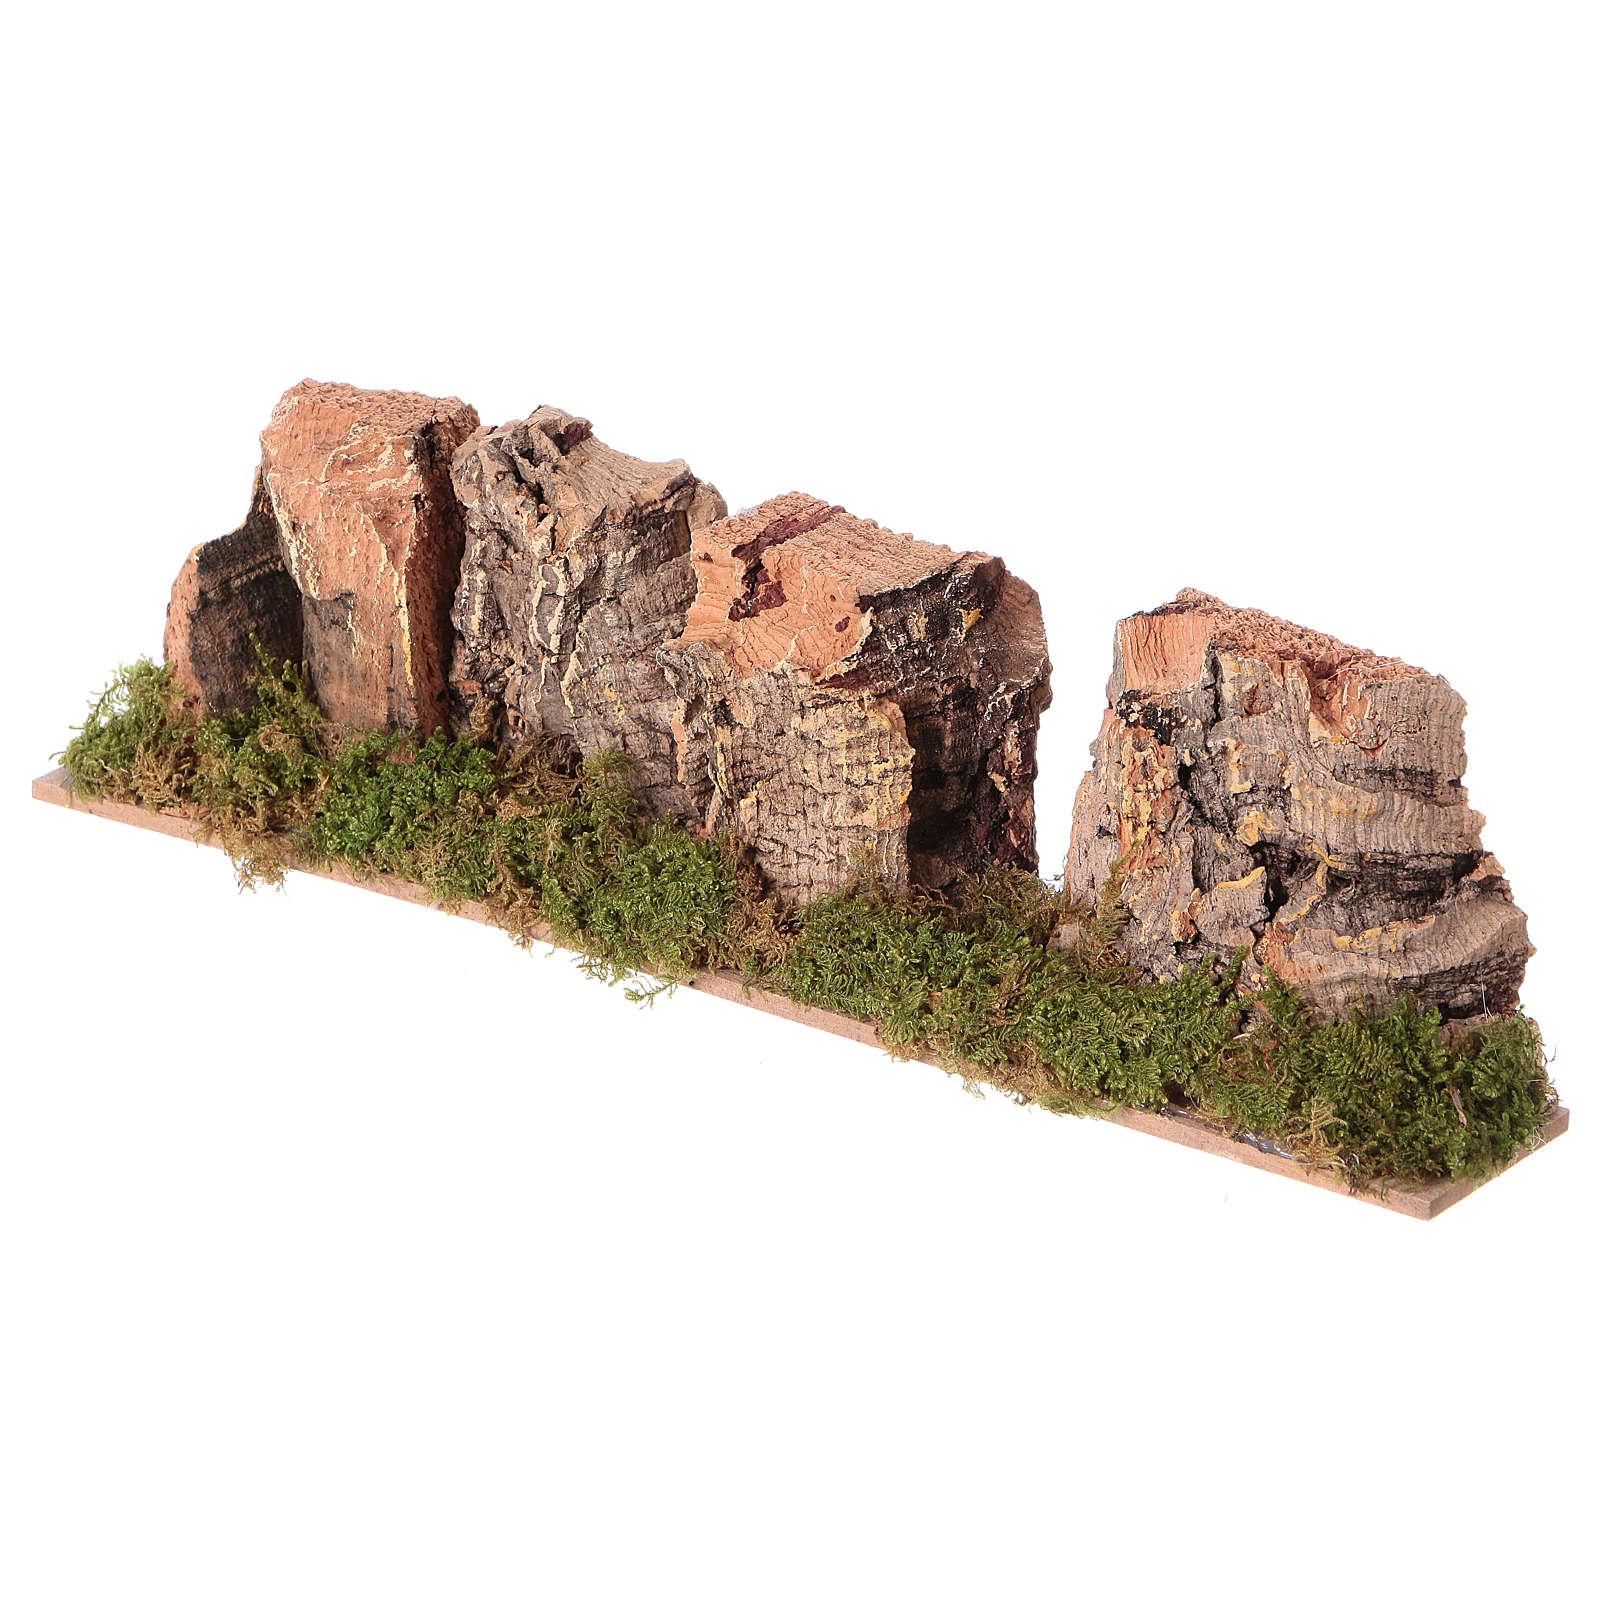 Montaña pesebre en corcho 4x24x6 cm 4